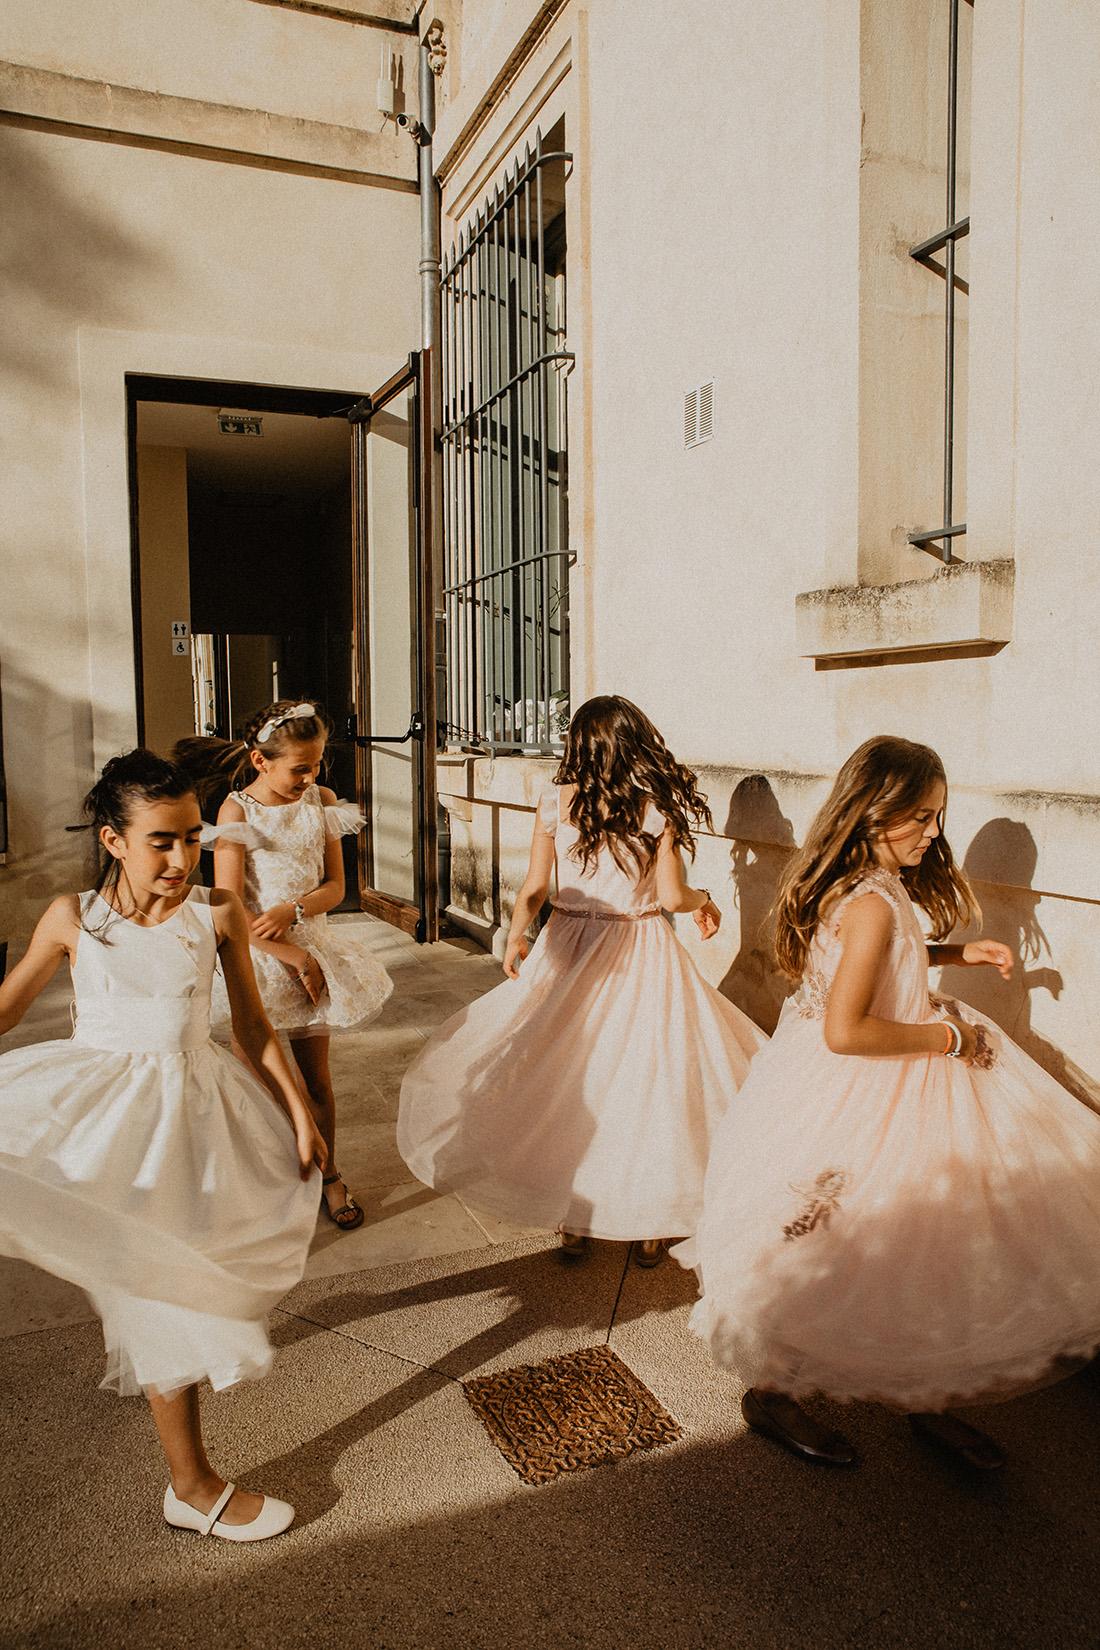 des filles d'honneur dansent